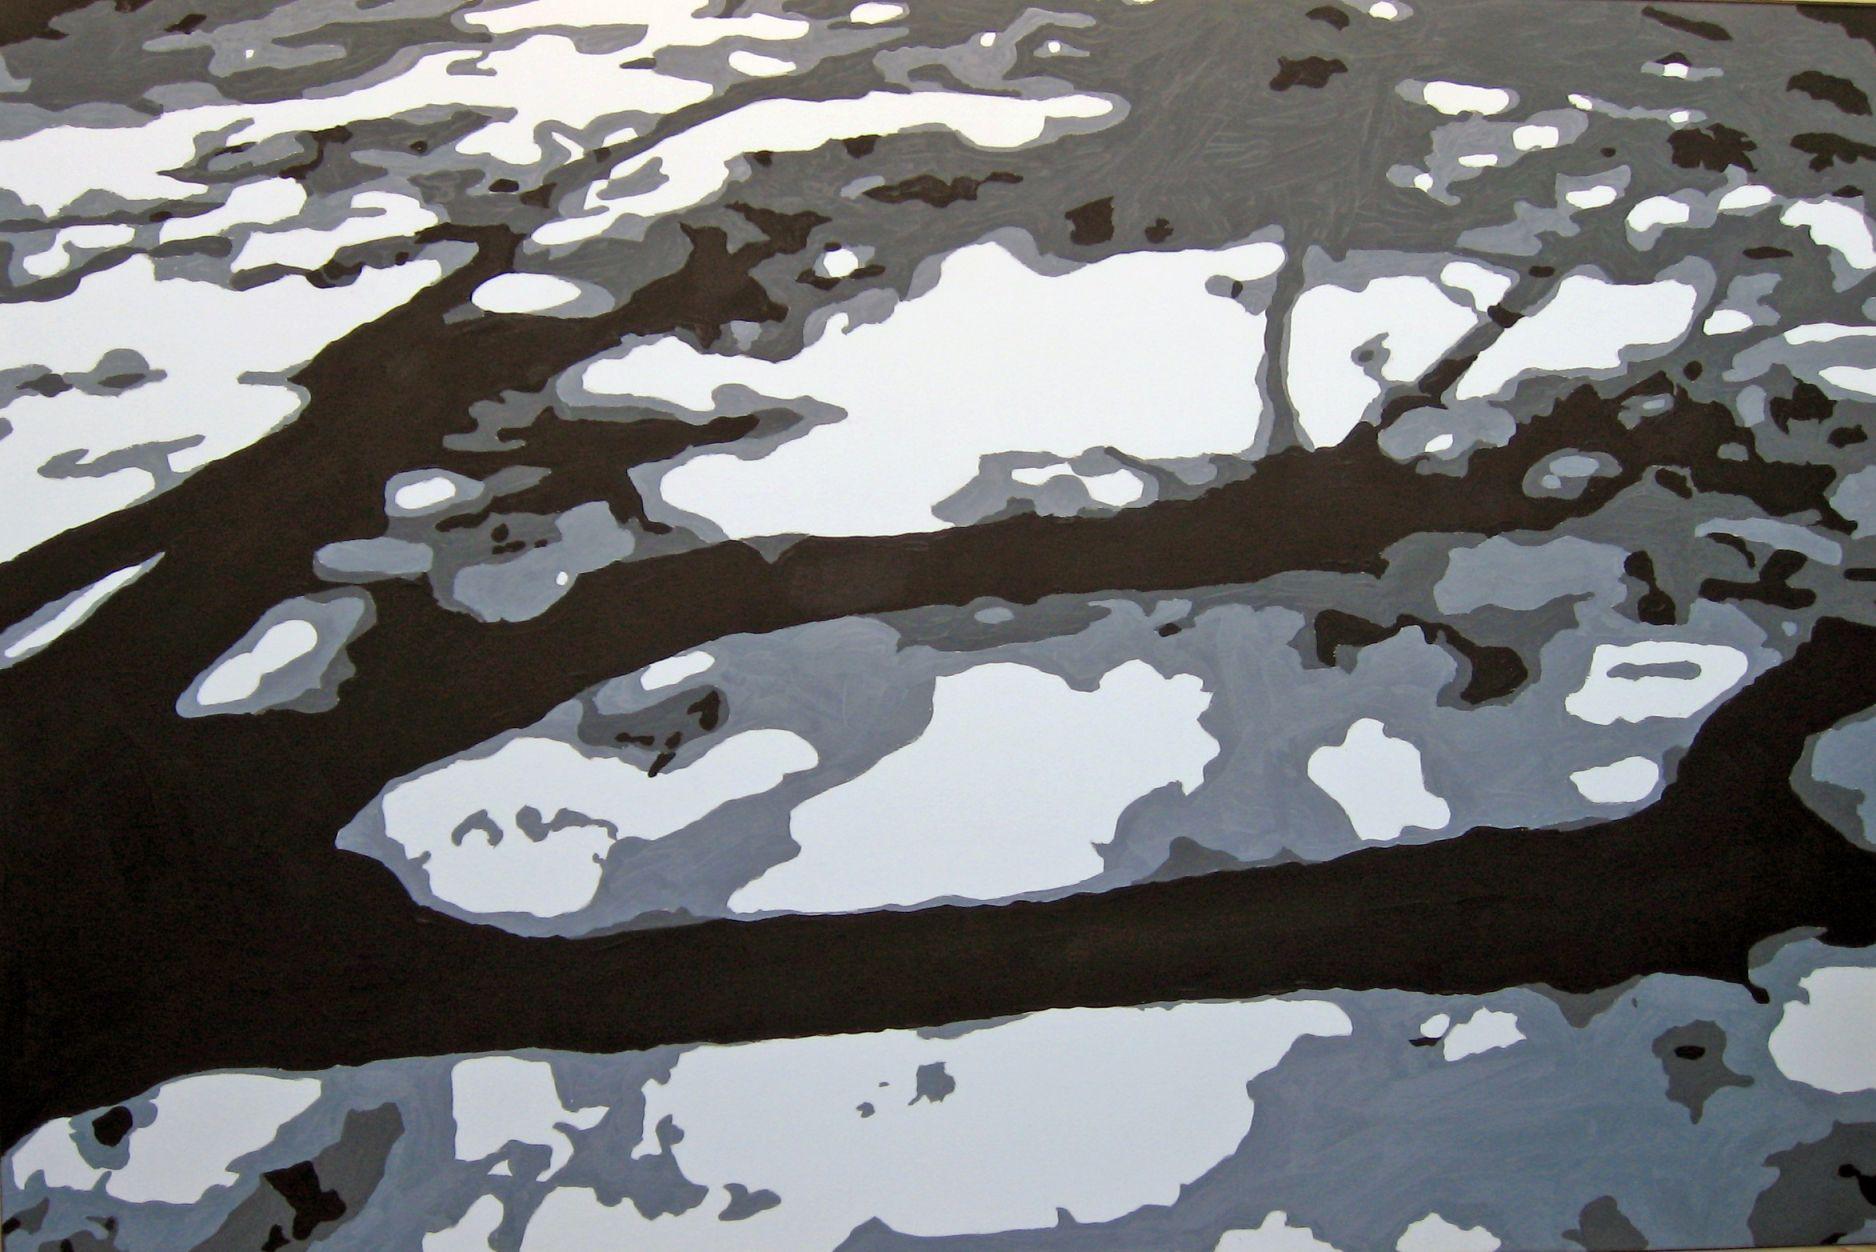 Sombras en el parque I (2008) - Cecilia de Lassaletta